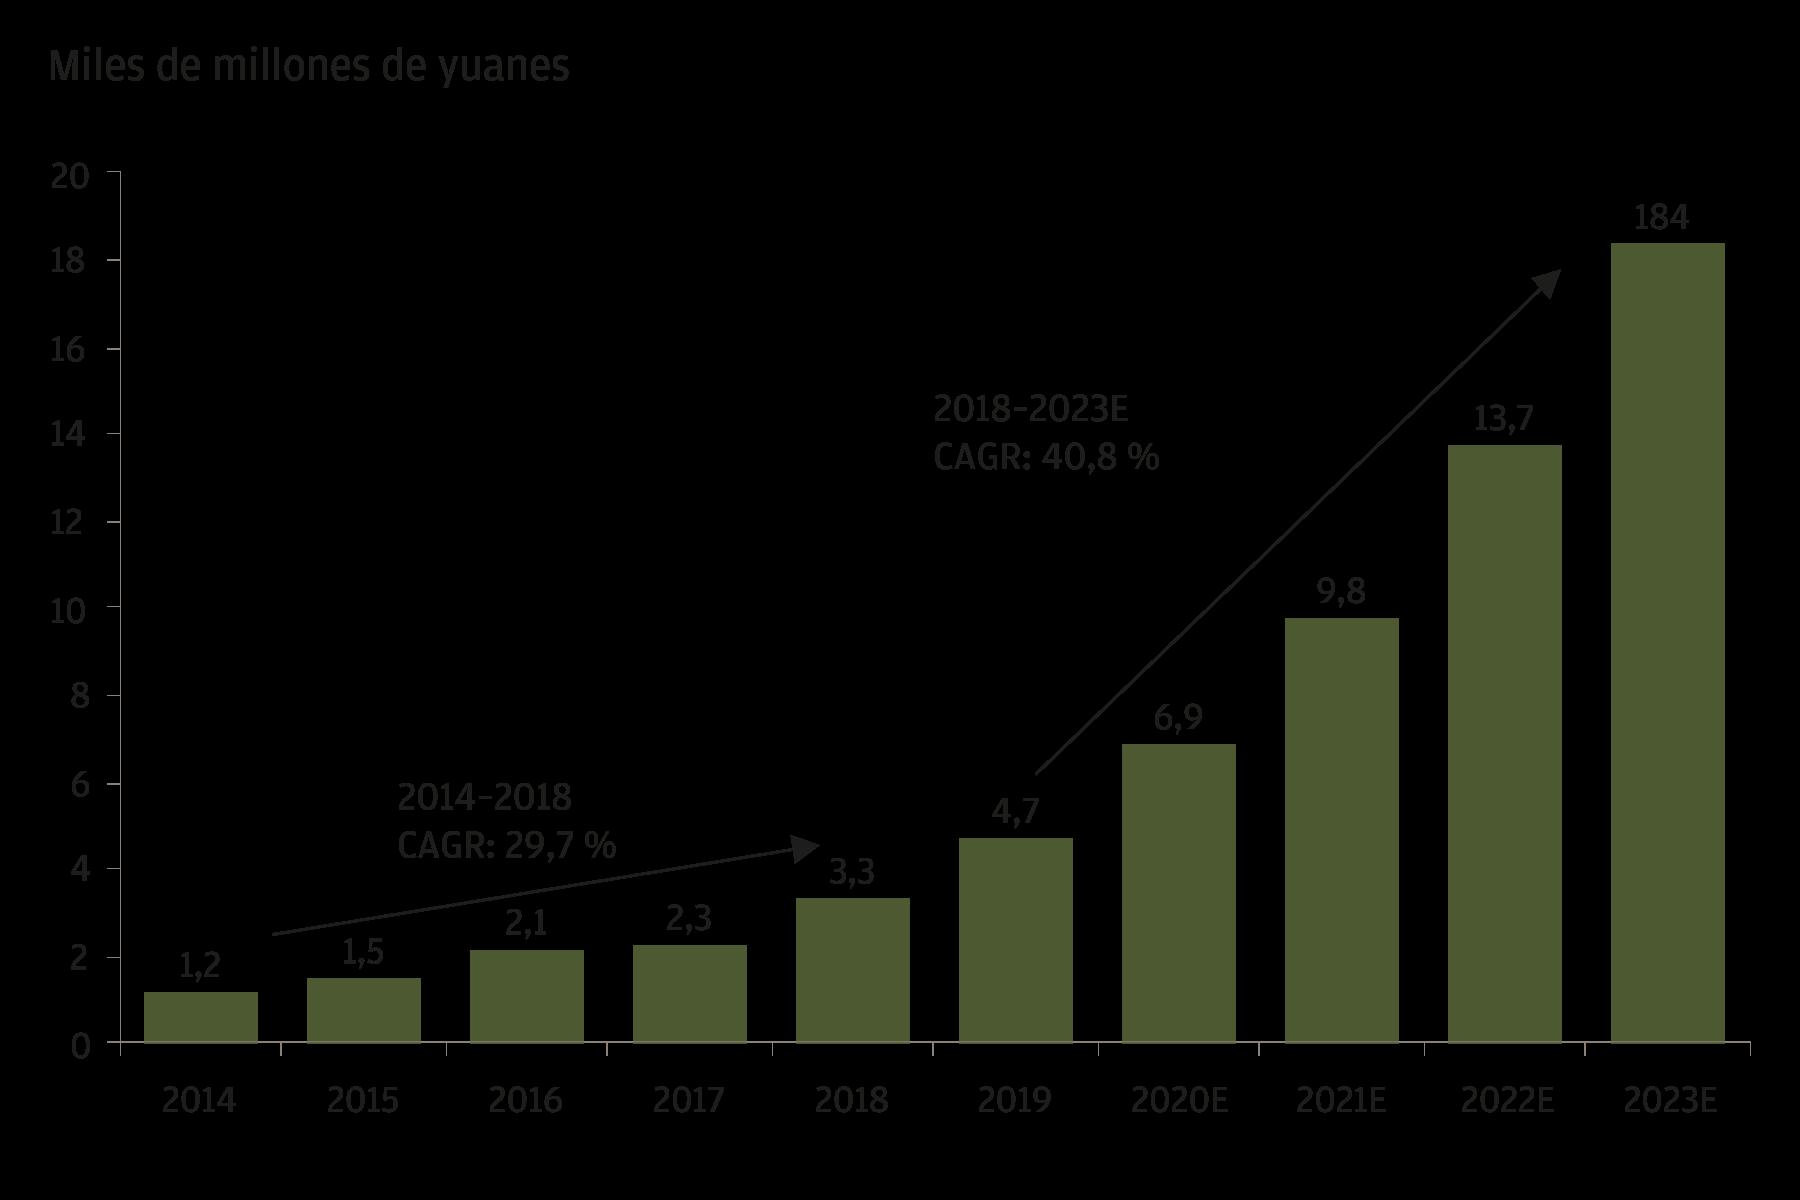 Este gráfico muestra la tasa de crecimiento histórica y proyectada del mercado de externalización de productos biológicos en China entre 2014 y 2023. Las cifras de 2020 hasta el 2023 son previsiones. Entre 2014 y 2018, el mercado creció a una tasa de crecimiento anual compuesta (CAGR) del 29,7%. La tasa de crecimiento anual compuesta proyectada de 2018 a 2023 es del 40,8%.